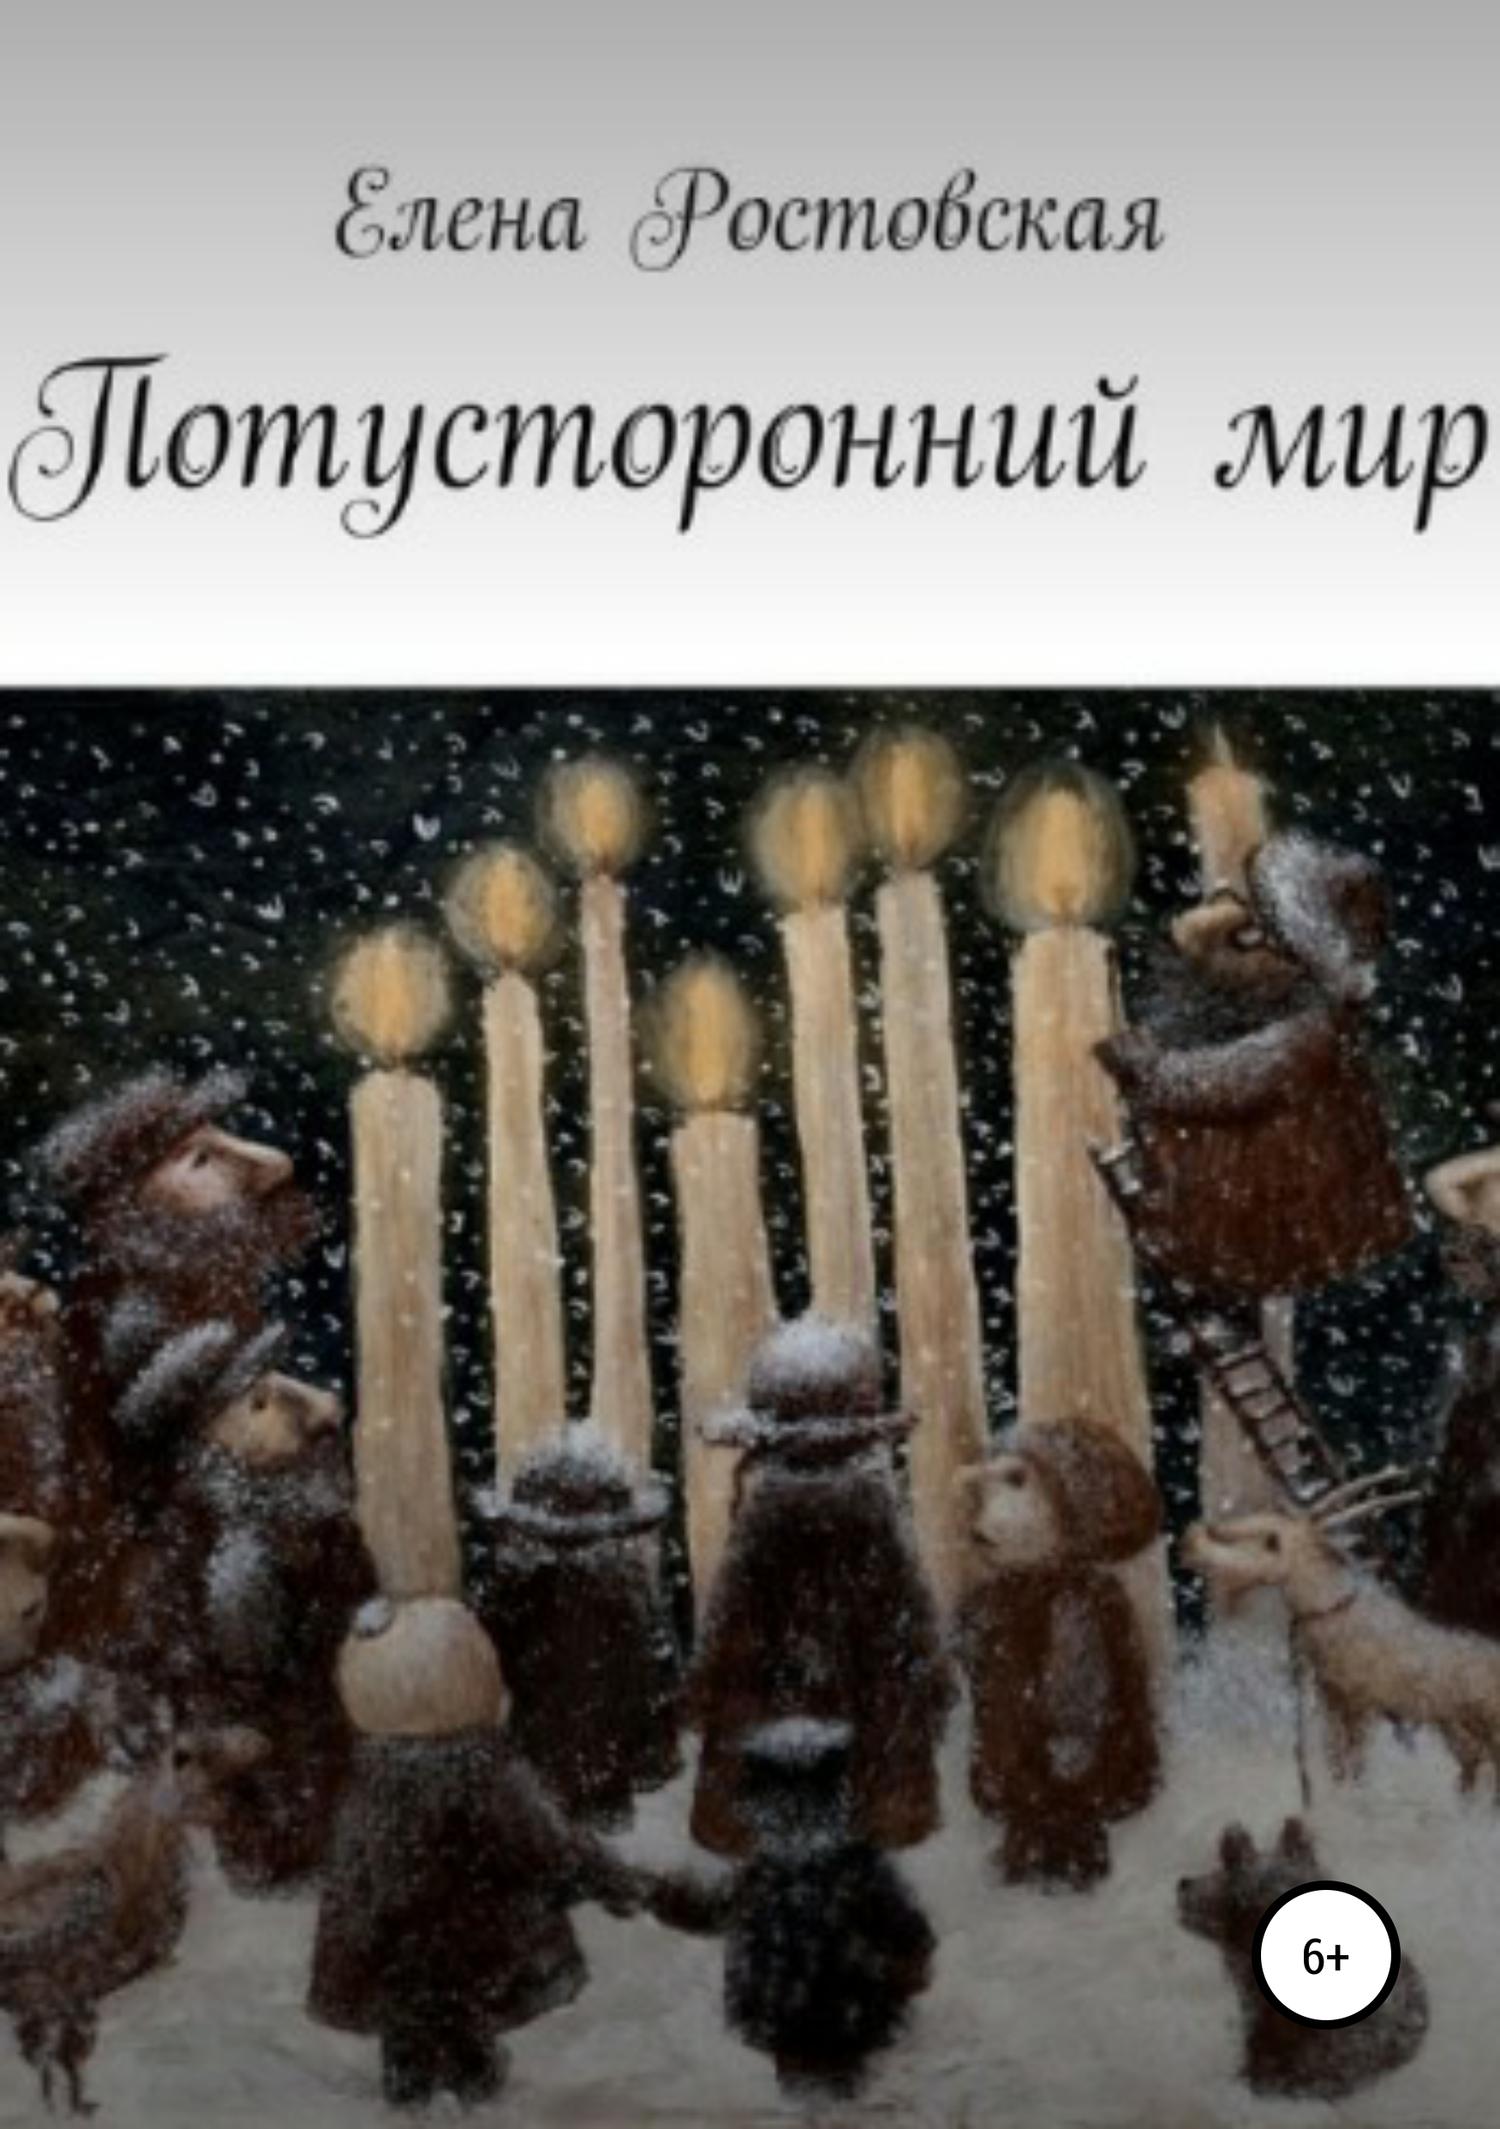 Елена Ростовская - Потусторонний мир